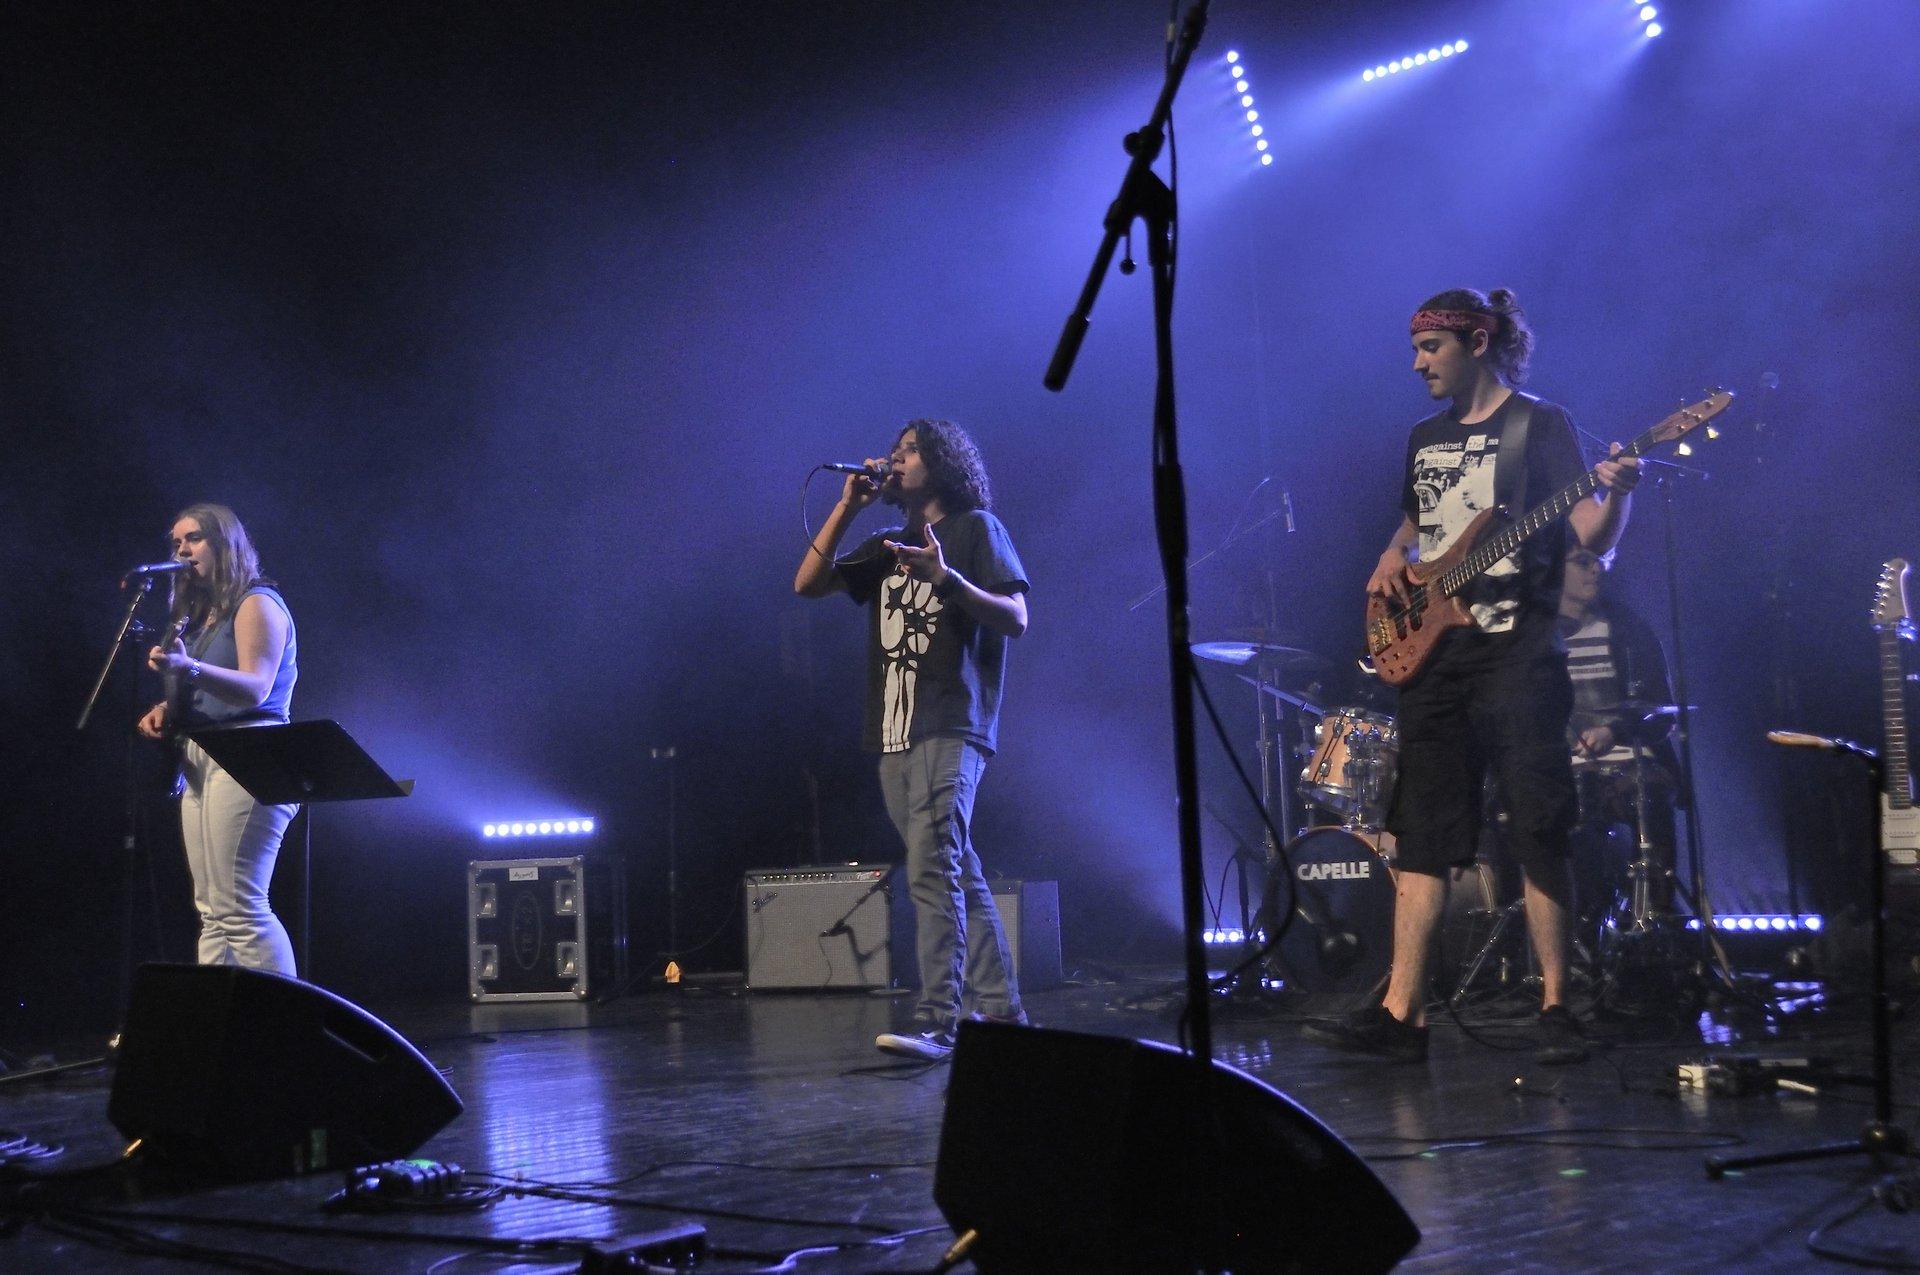 Concert Ecole musique_27_Michel Jusse